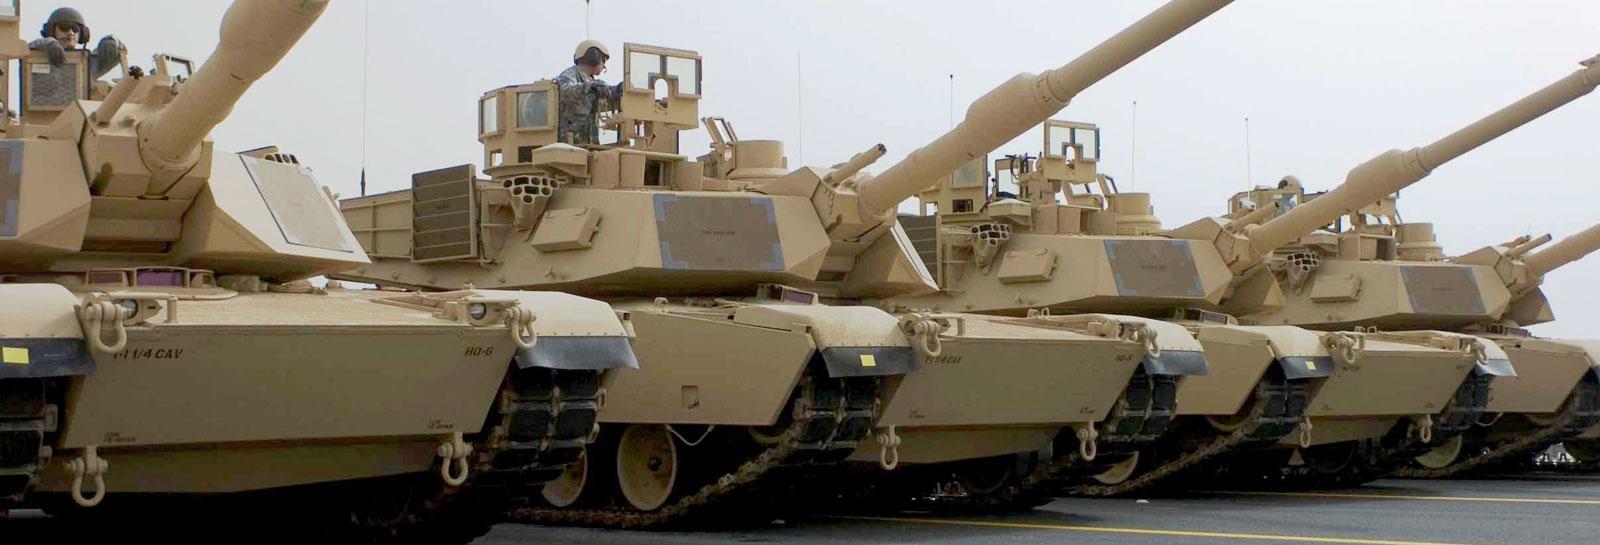 slider2-tanks